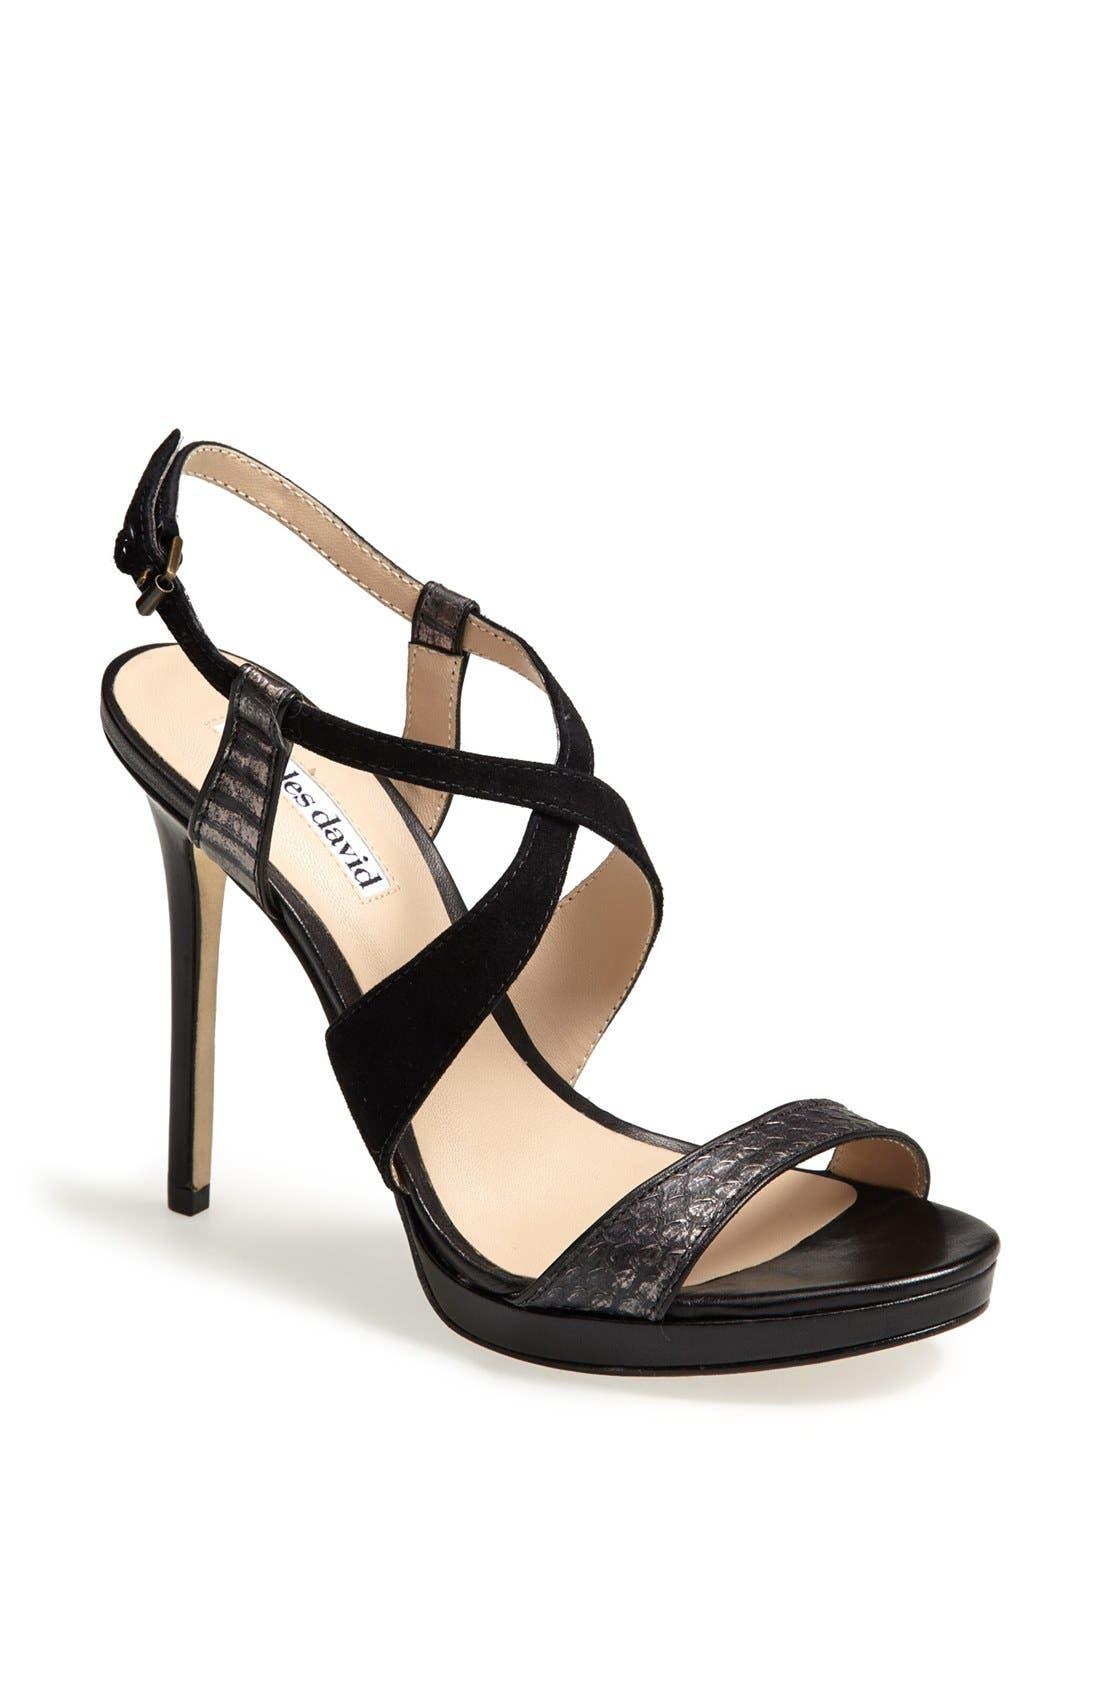 Main Image - Charles David 'Hermosa' Platform Sandal